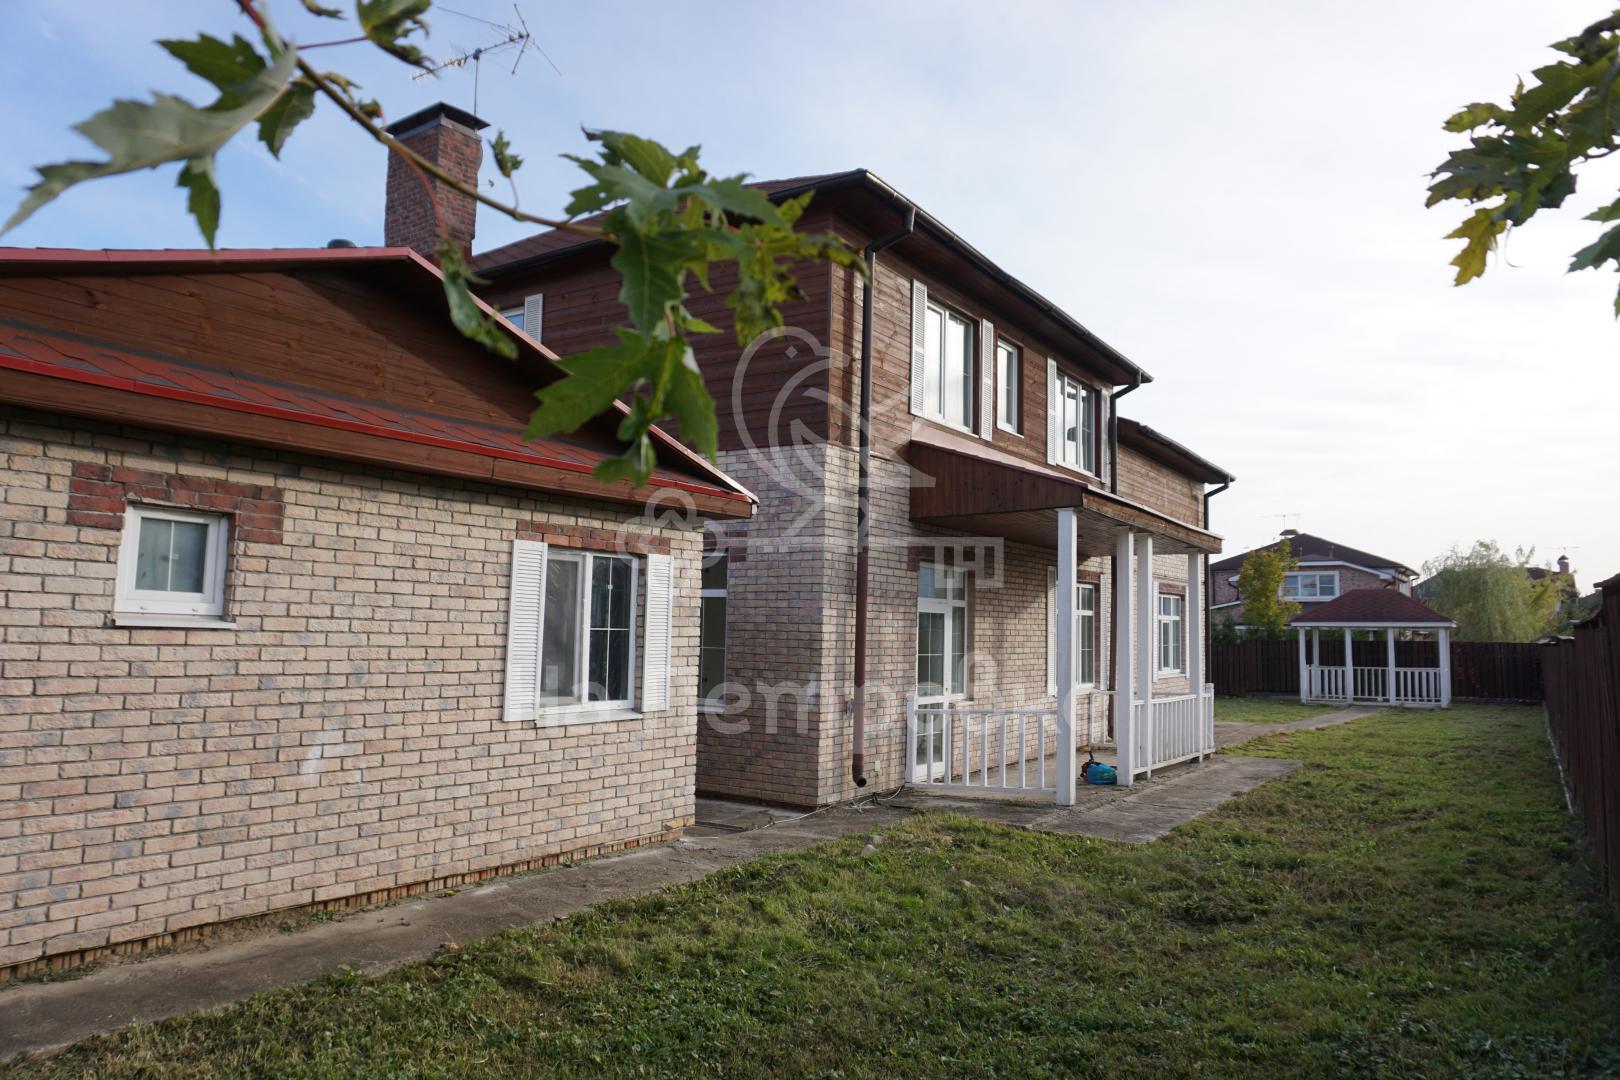 Продам дом по адресу Россия, Москва и Московская область, городской округ Истра, Новинки, 30 фото 0 по выгодной цене